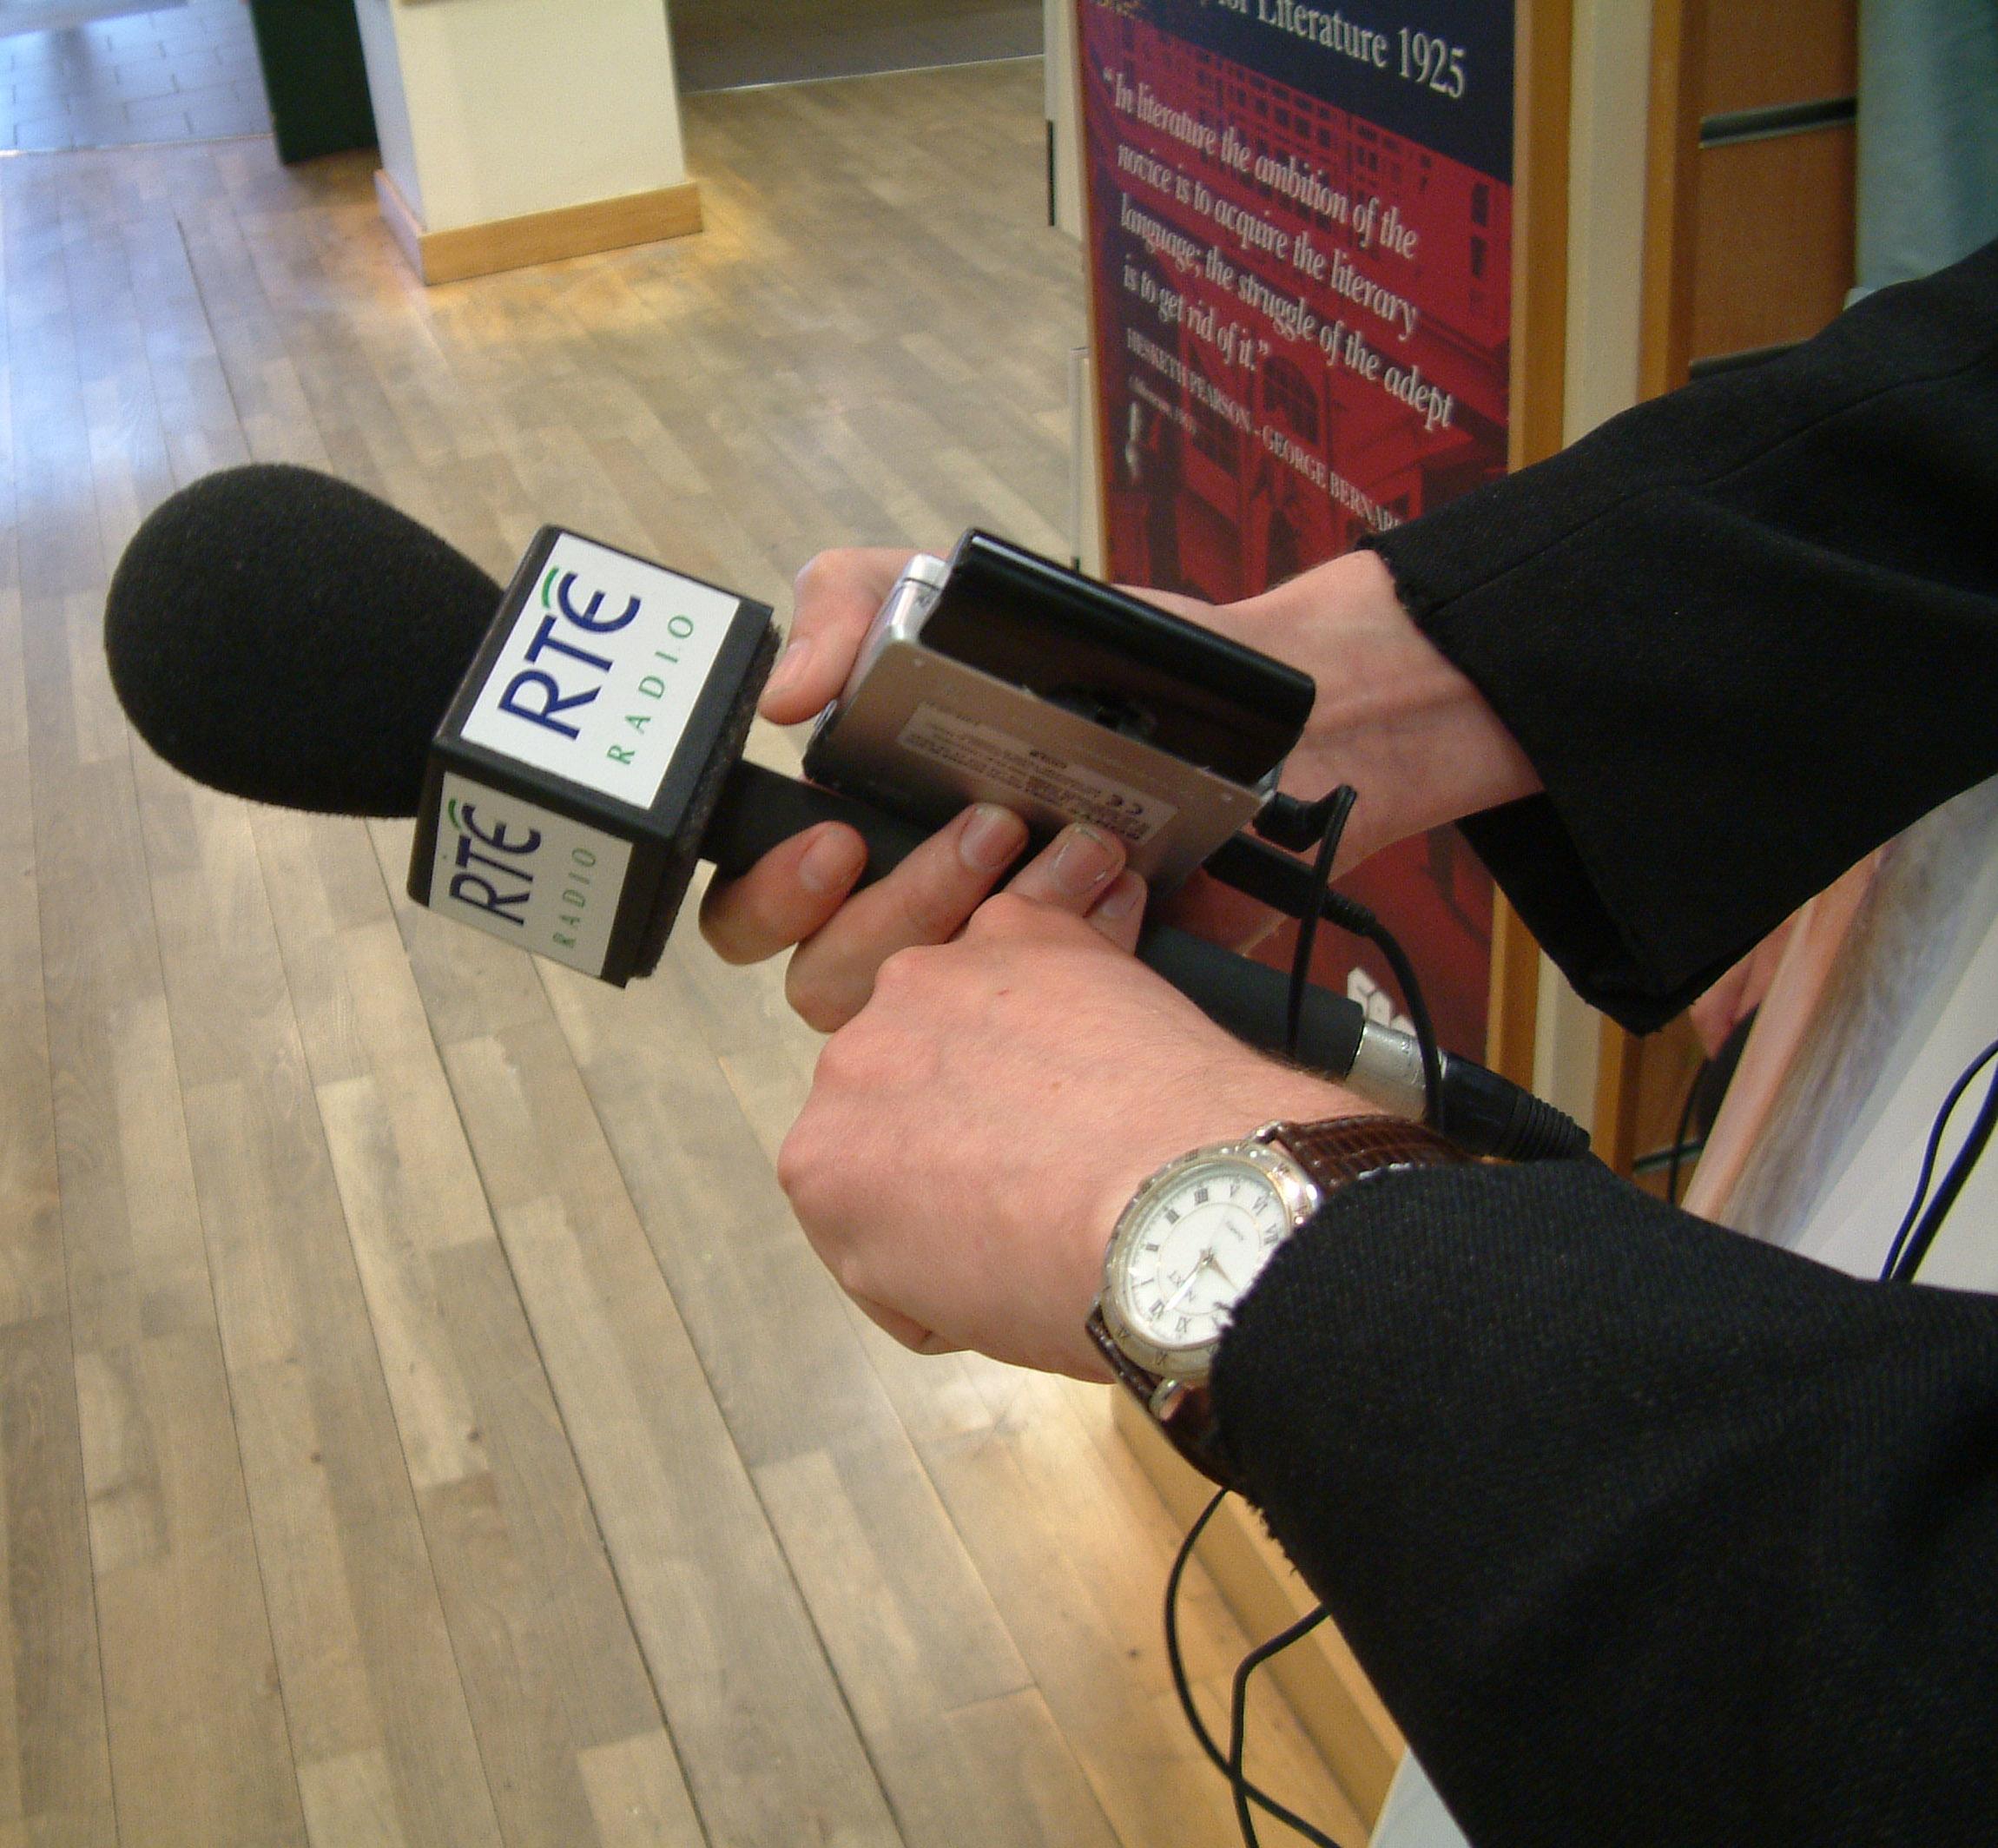 rte radio  2